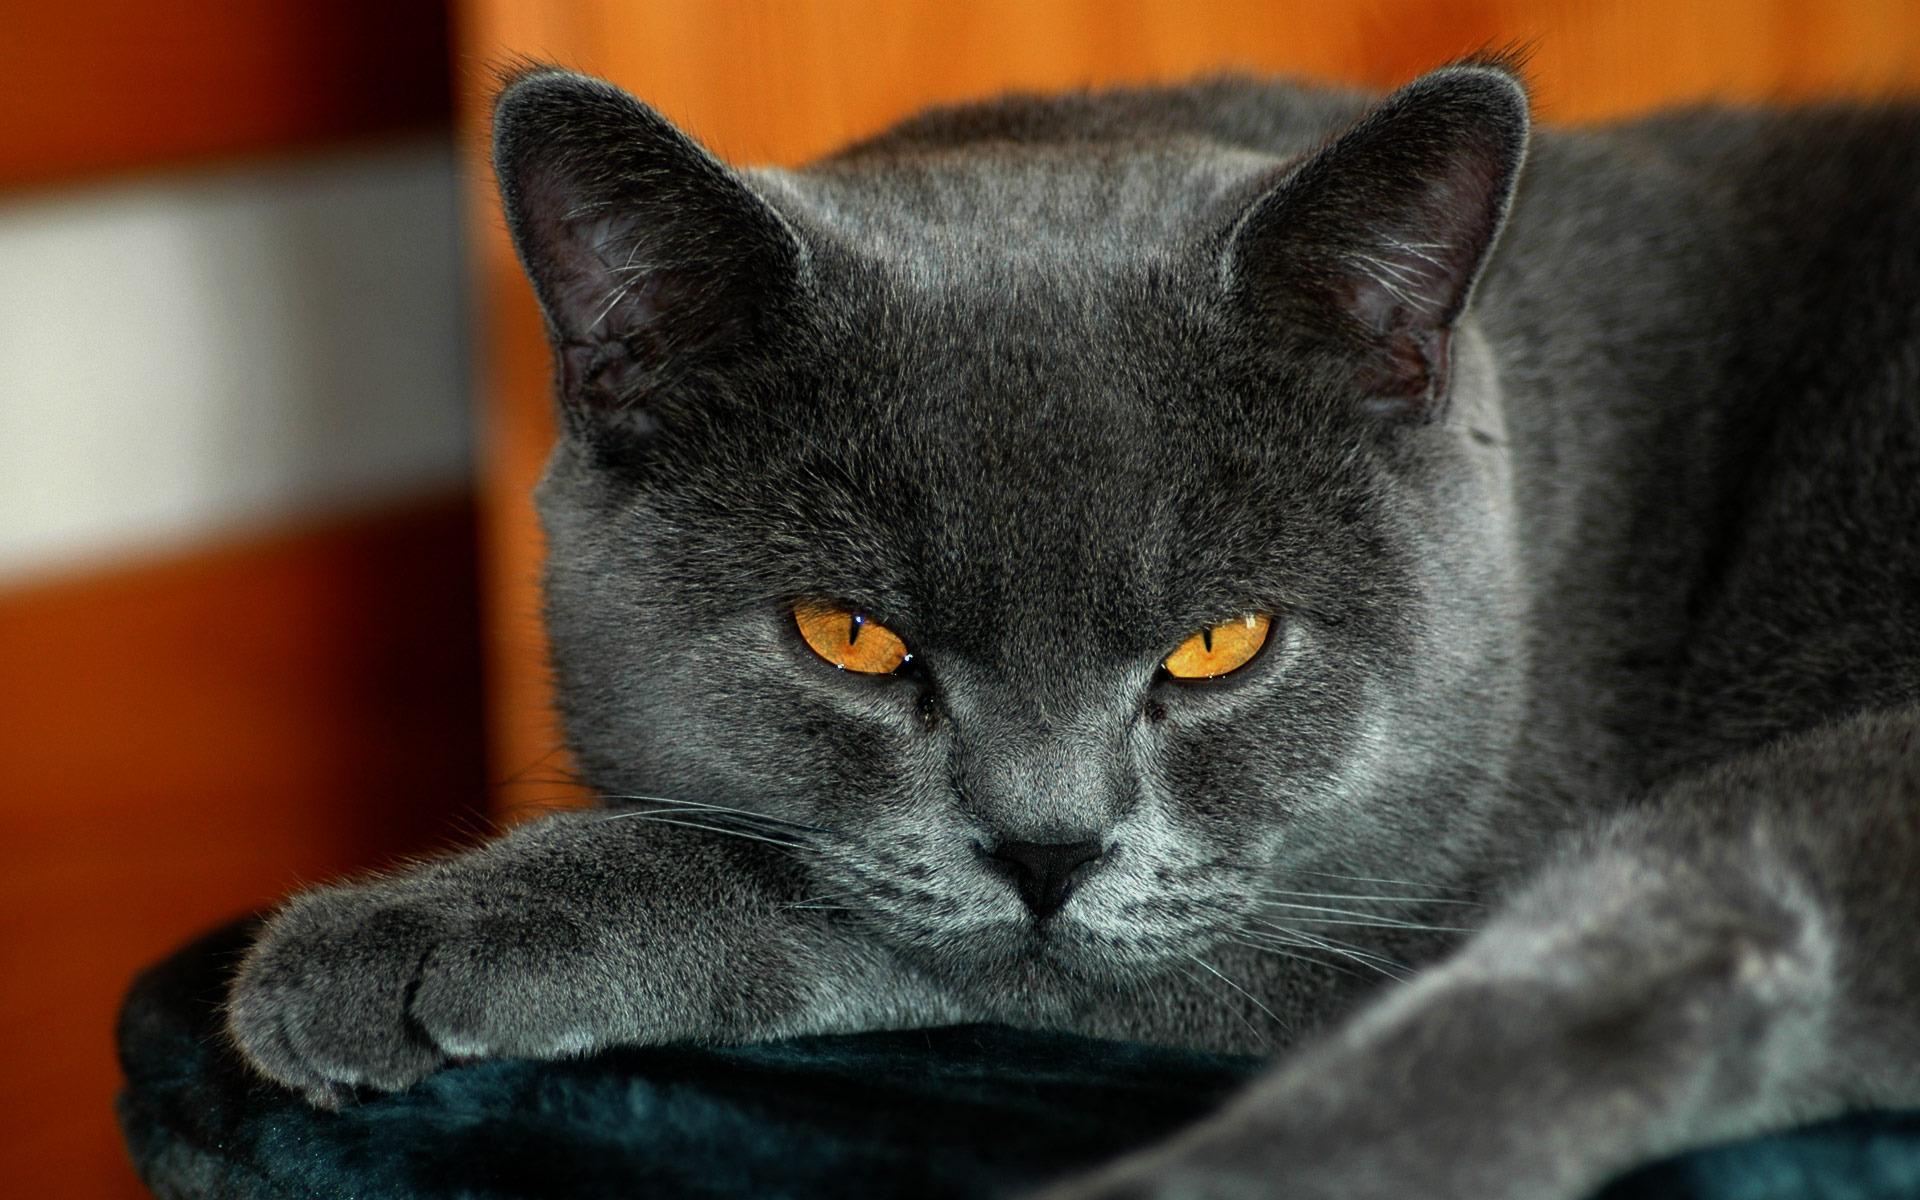 какое-то картинки красивых кошек британец слова, написанные классным